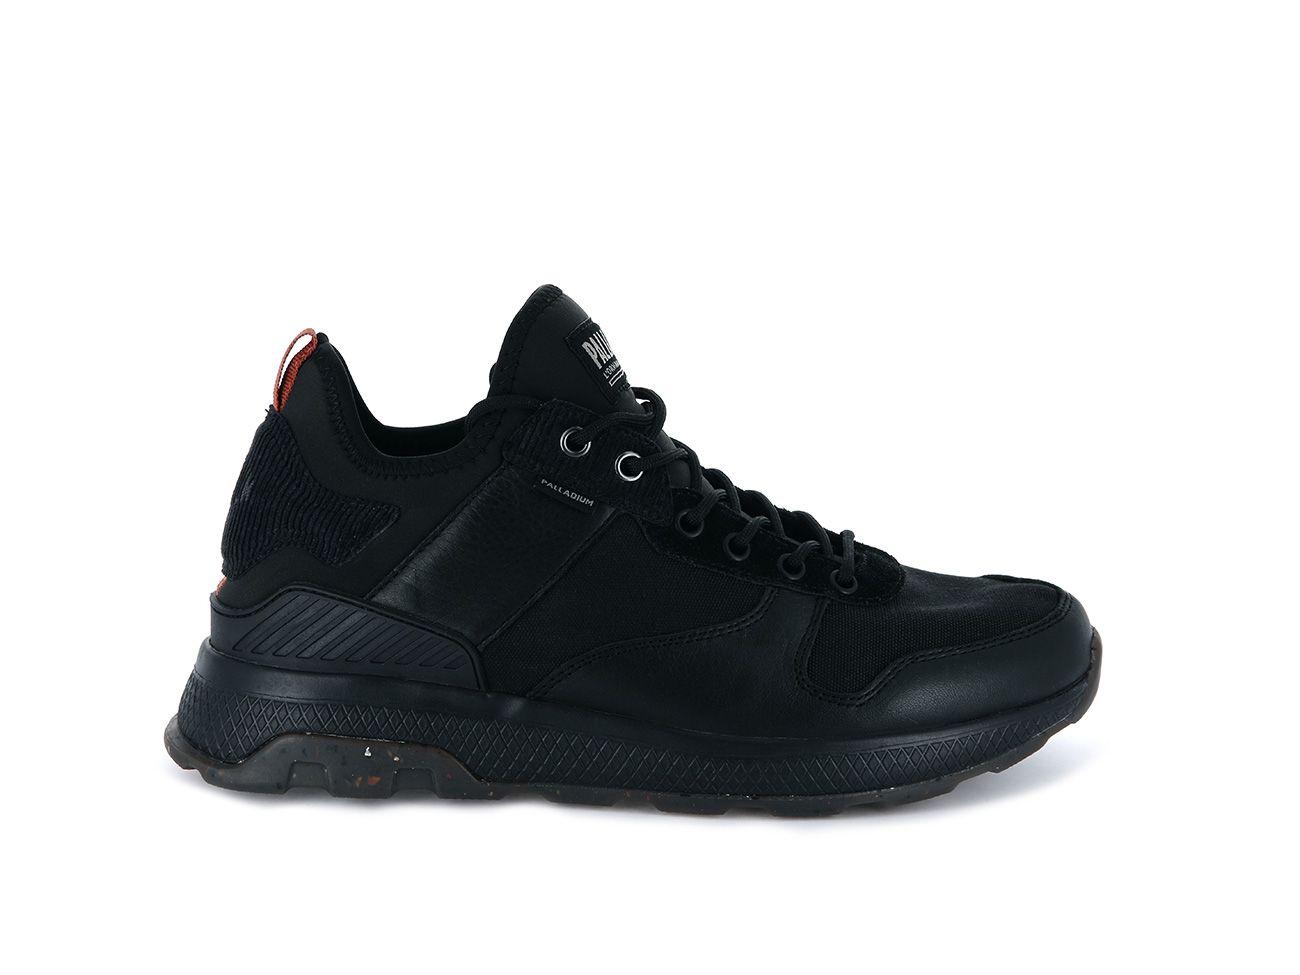 Palladium AX_EON Army Runner in Black